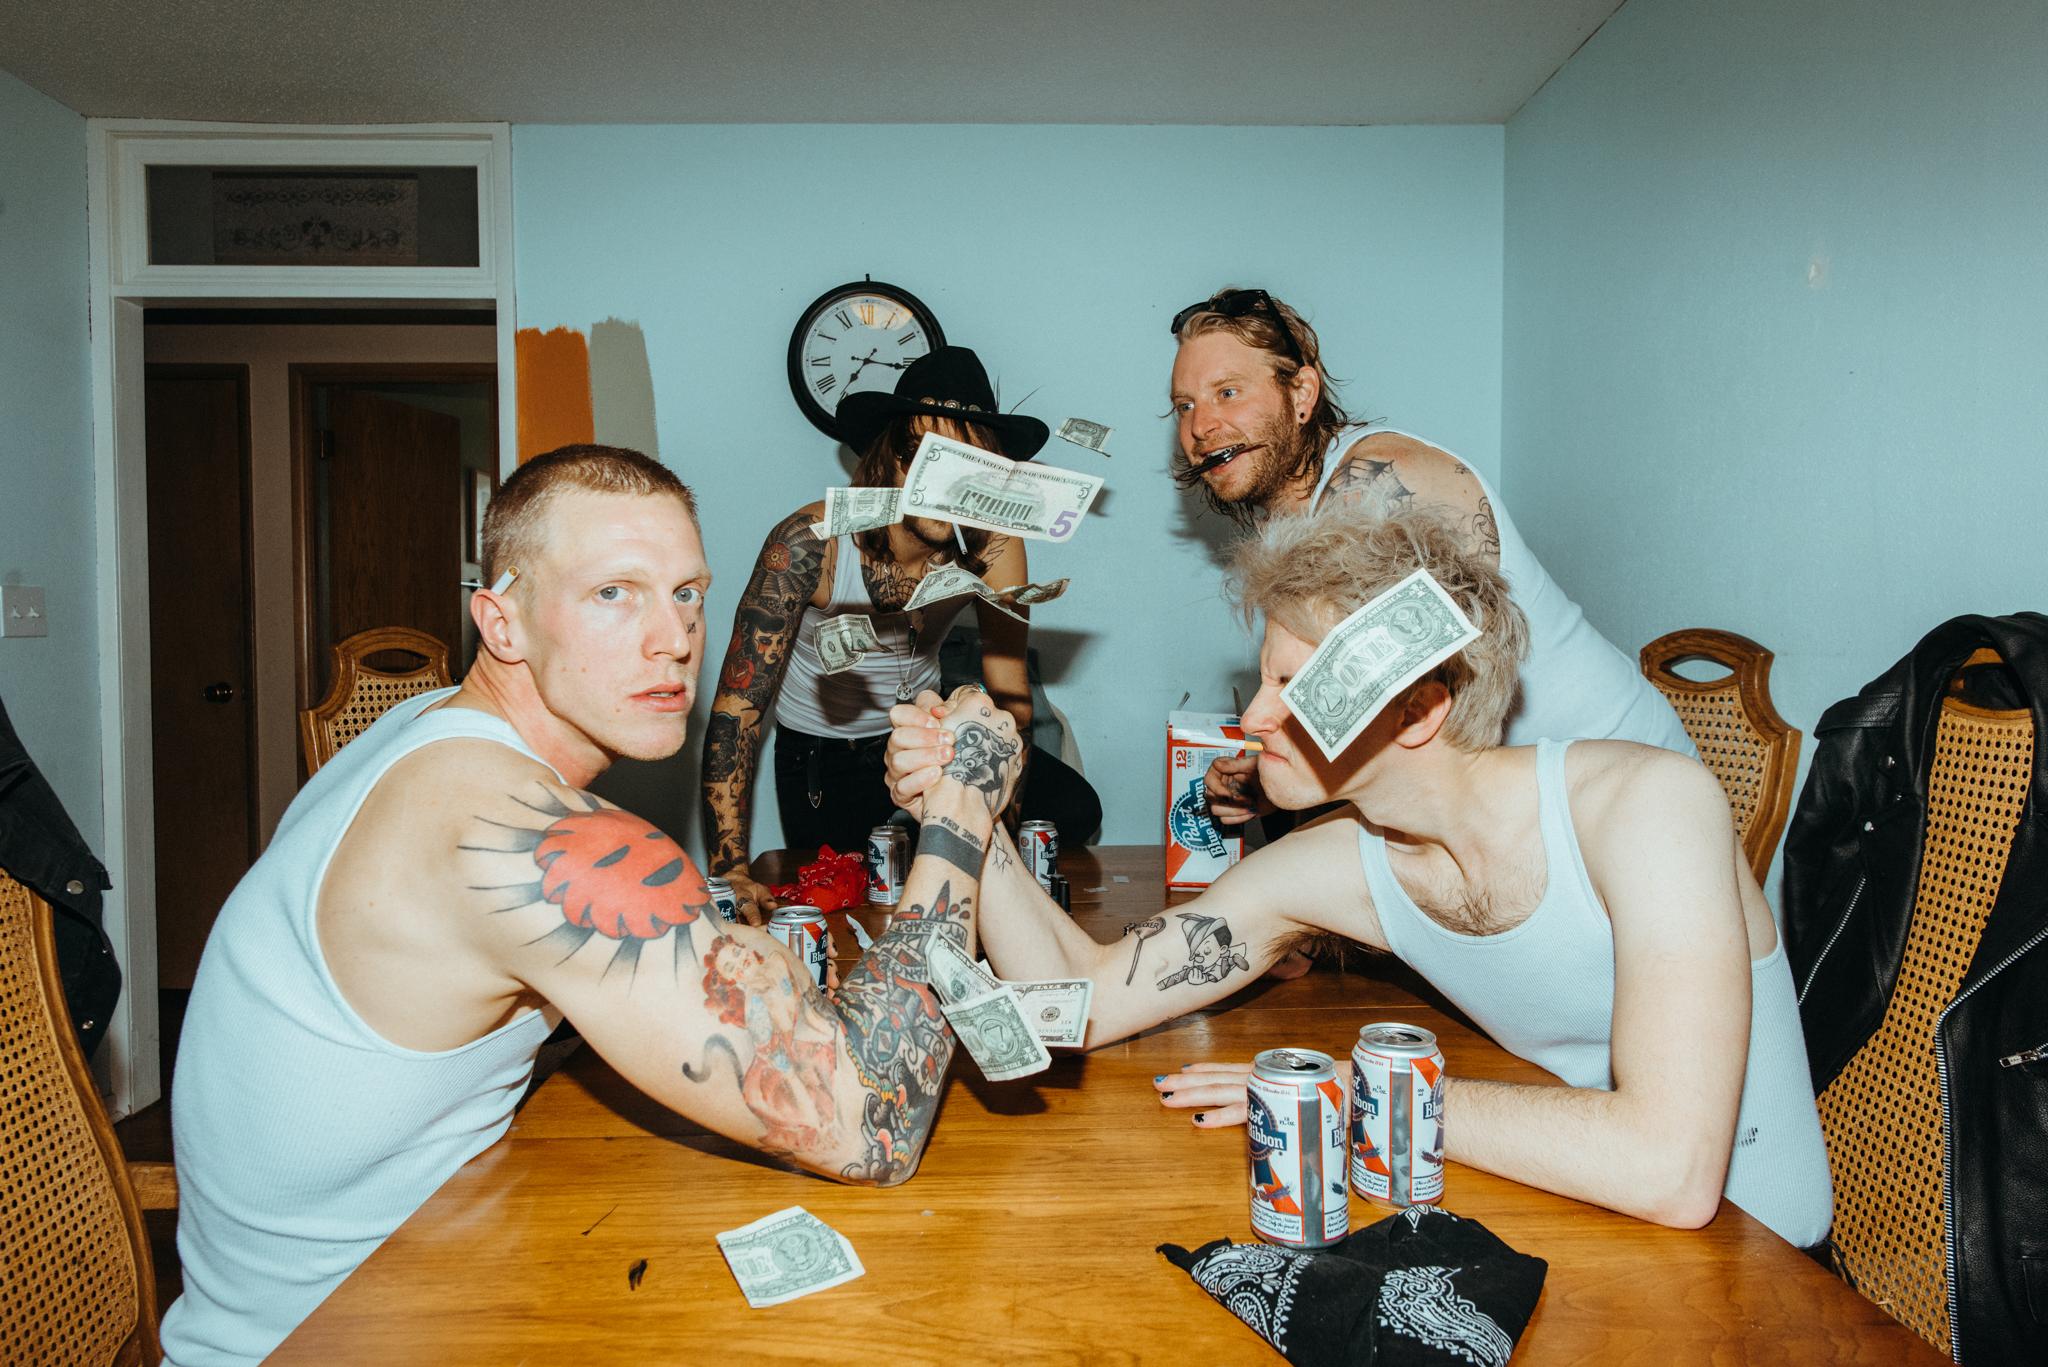 alyssaleicht-machomanson-hexgirls-otherbrothers-promo-22.jpg